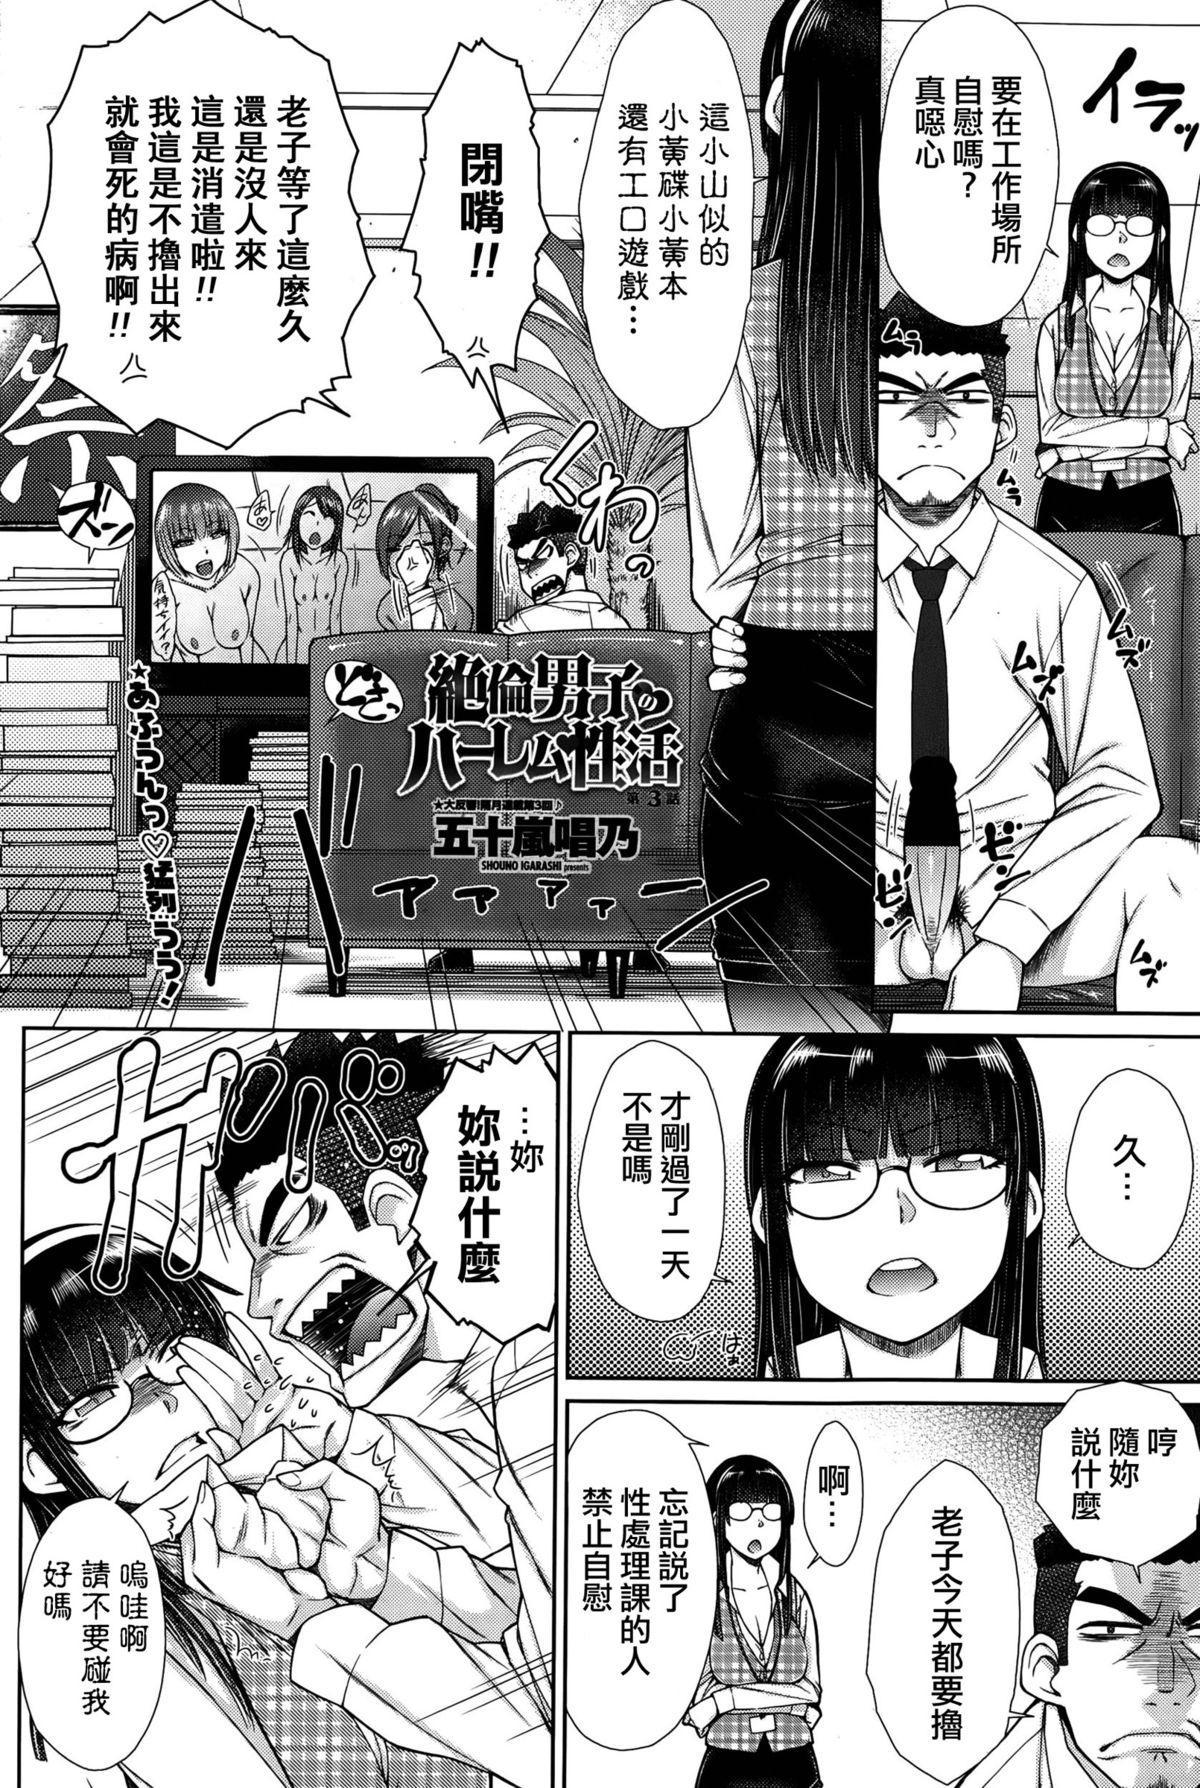 Zetsurin Danshi no Harem Seikatsu Ch. 1-5 45